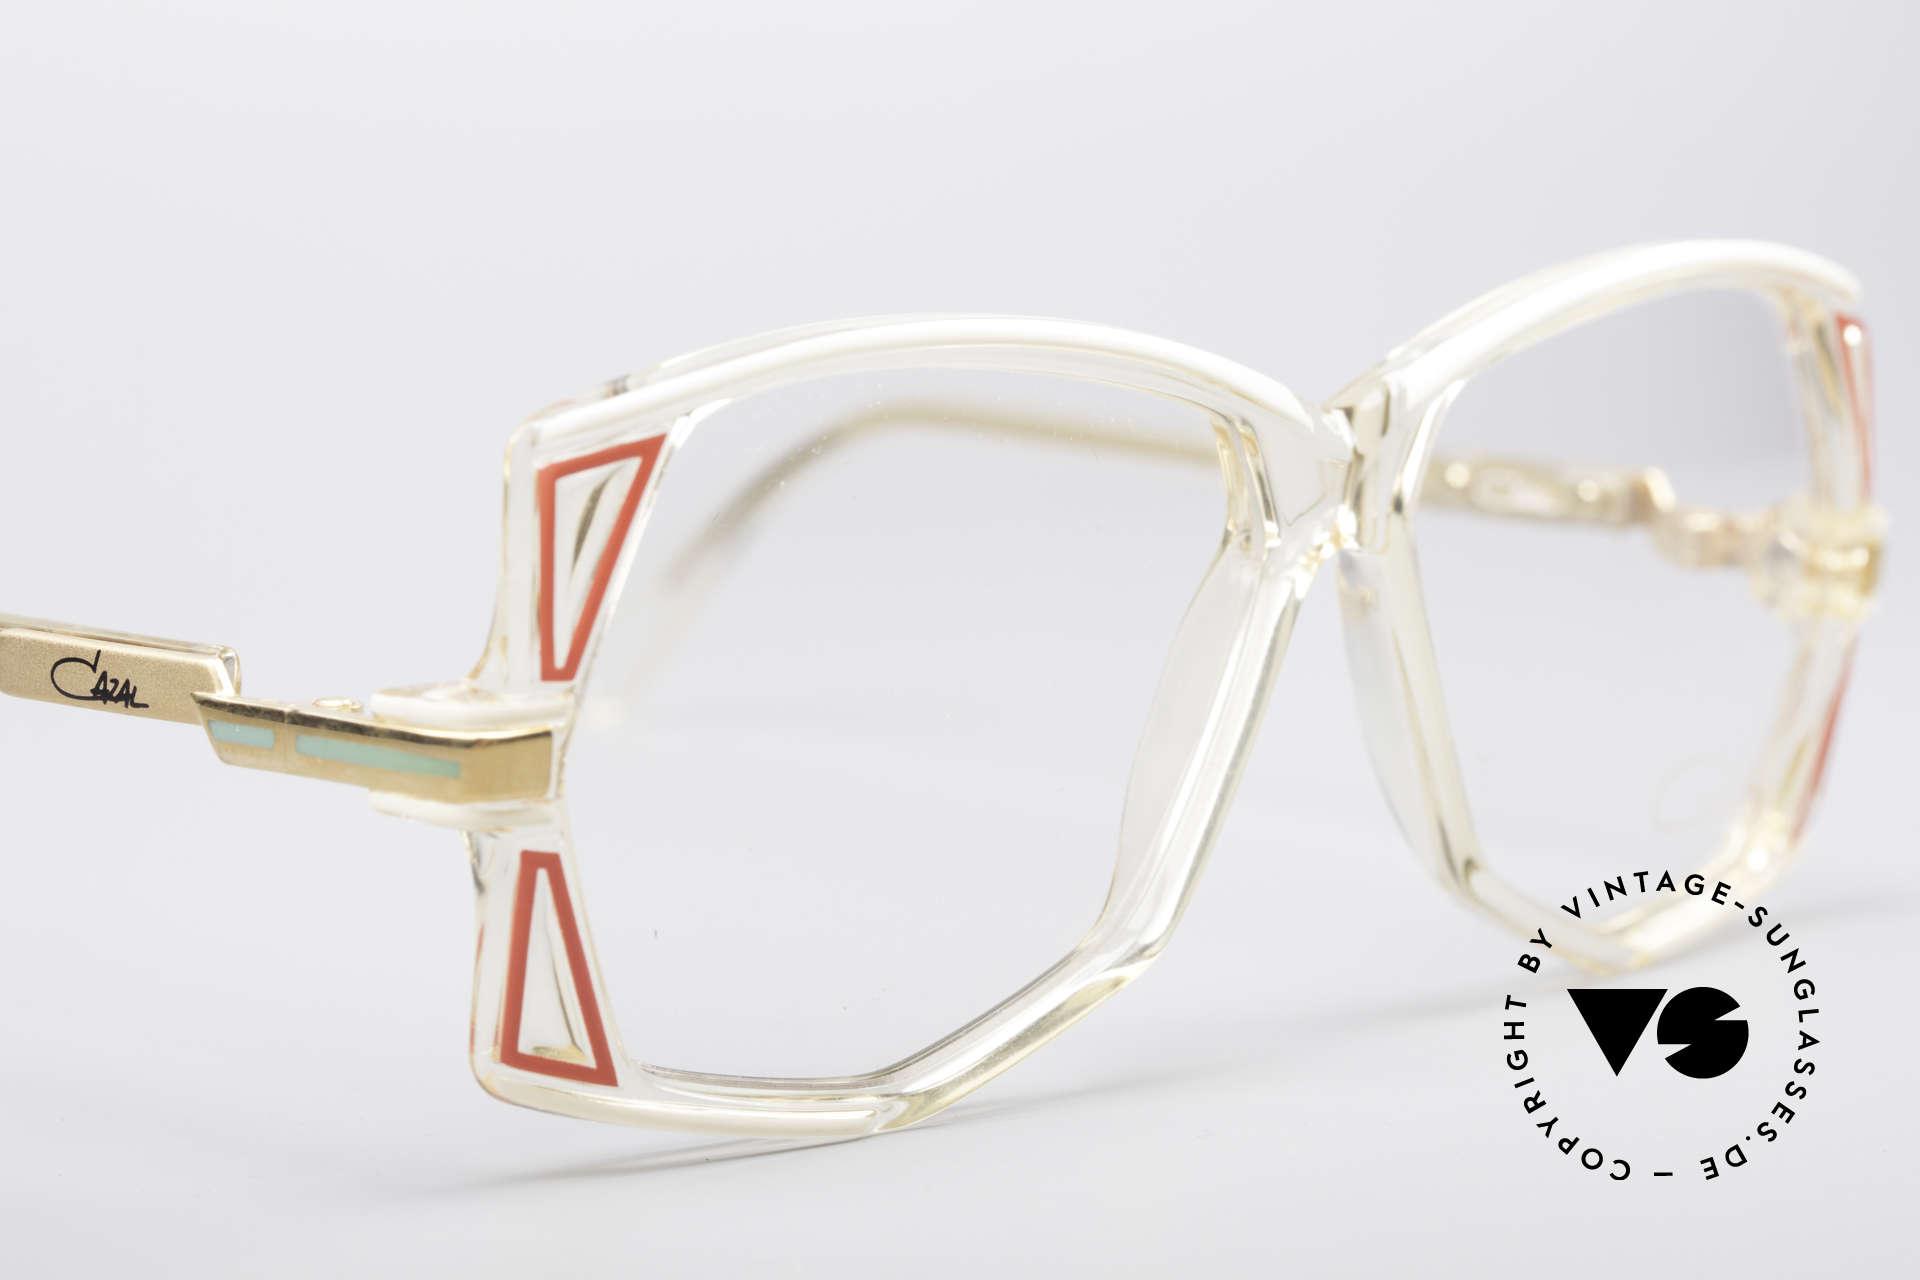 Cazal 172 Kristallklare 80er Brille, KEINE RETRObrille; sondern ein Original von 1987!!, Passend für Damen